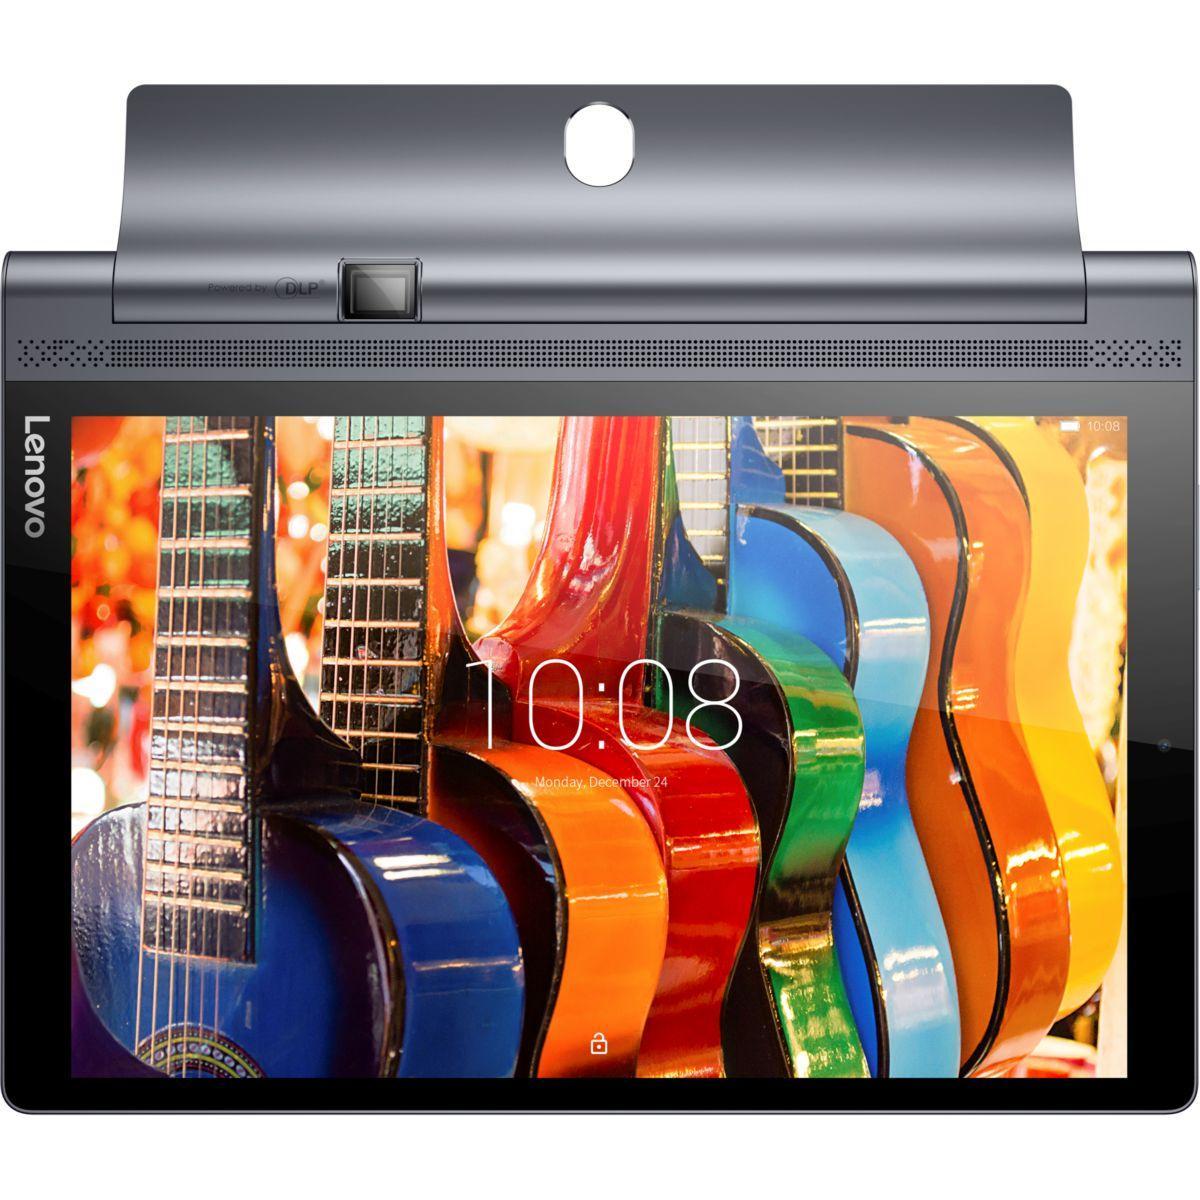 Tablette android lenovo yoga tab 10 pro 4g lte picoprojecteur - livraison offerte : code premium (photo)